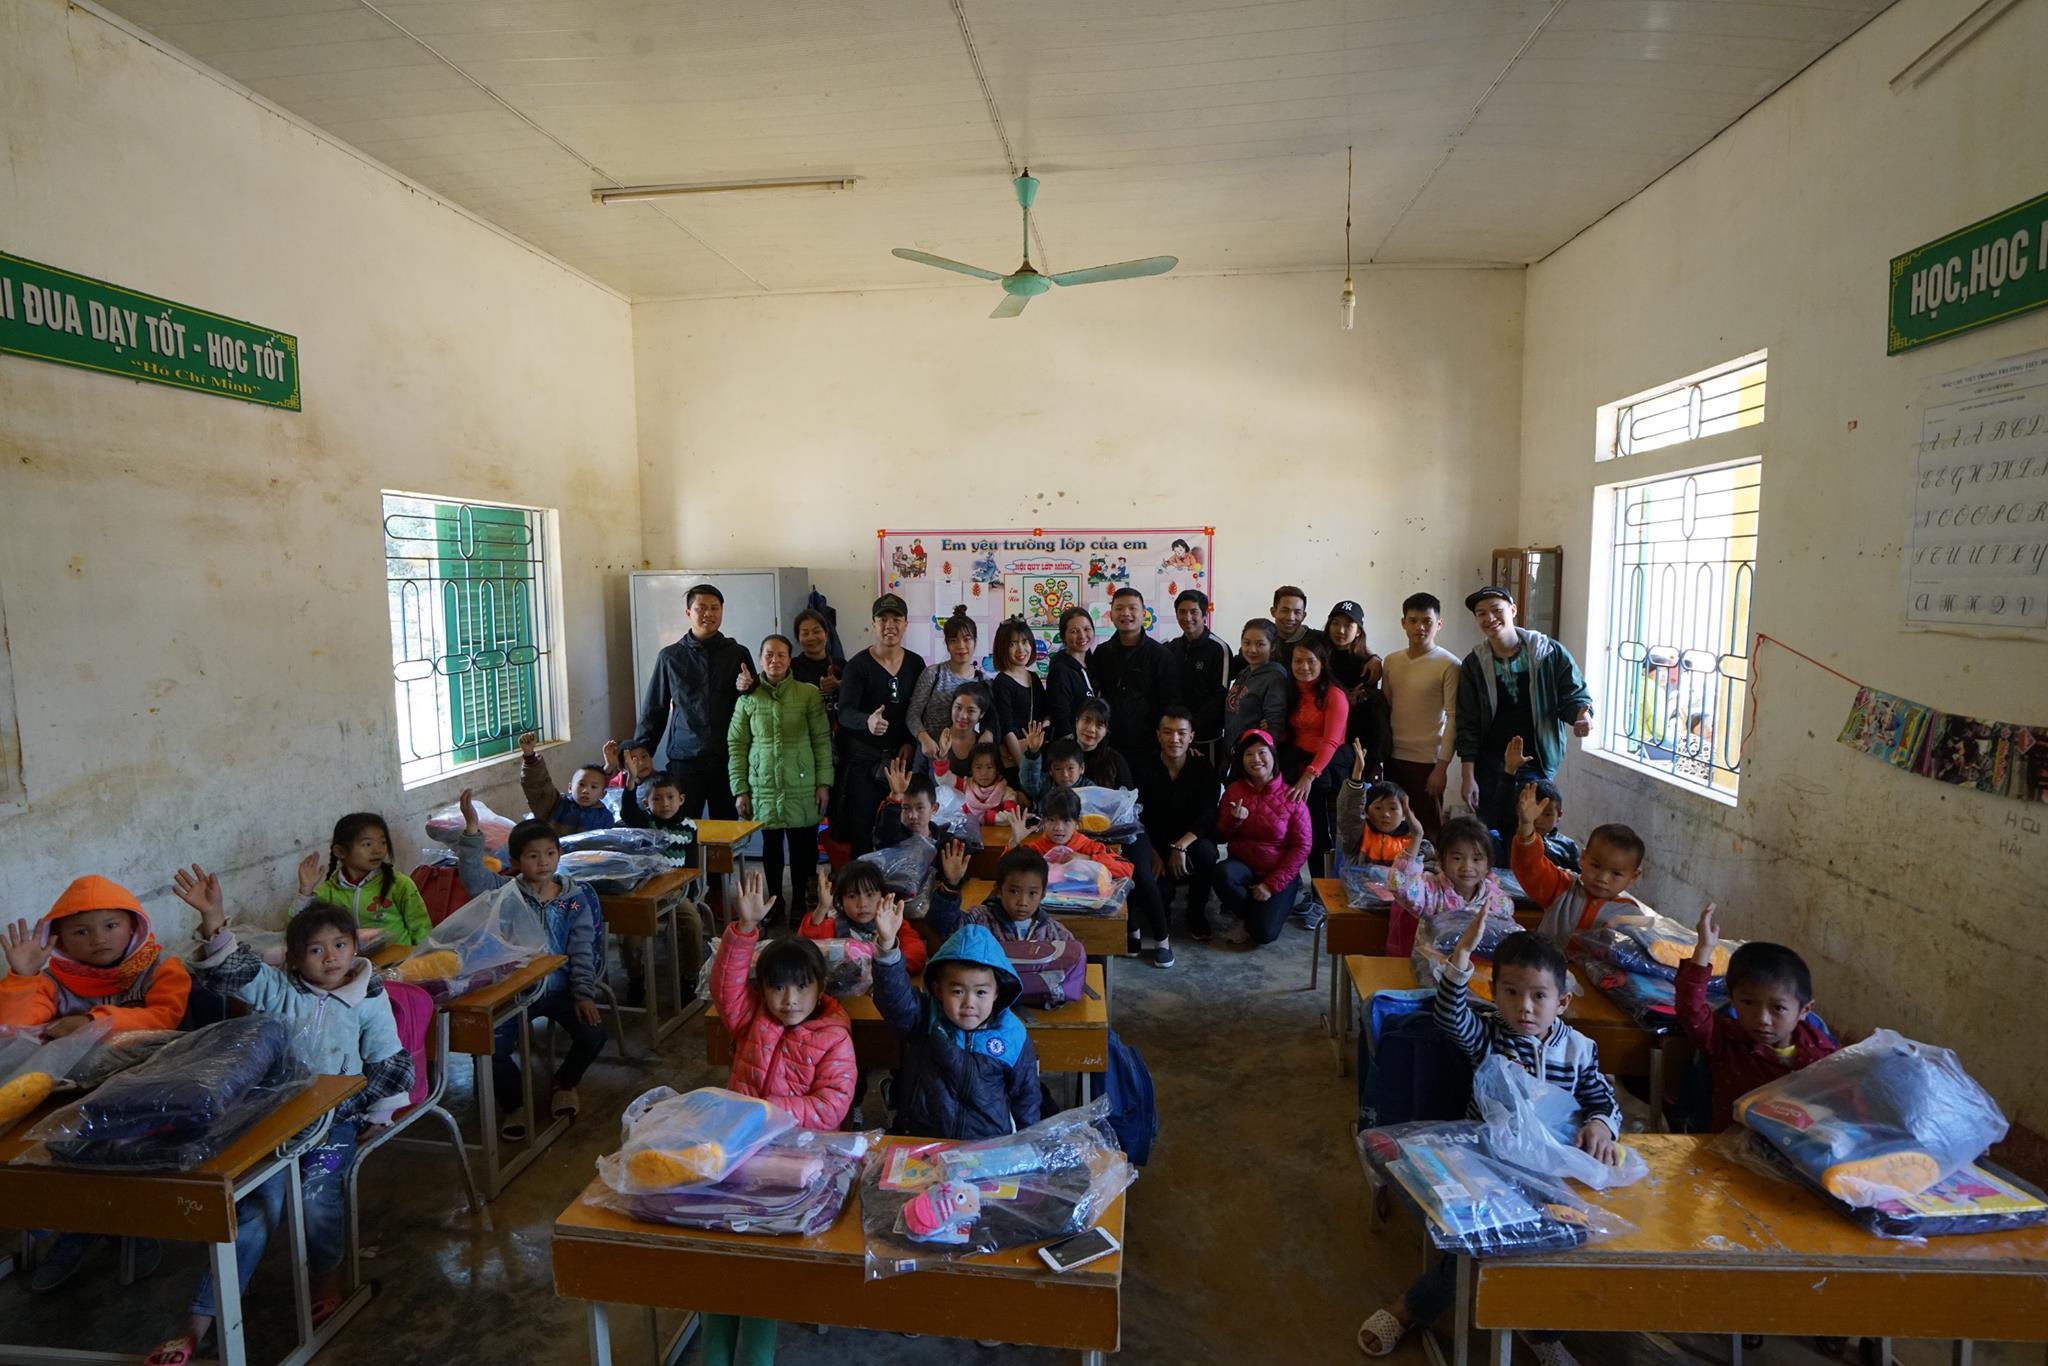 Nghĩa cử cao đẹp của nhóm du học sinh Úc quyên góp từ thiện giúp trẻ em vùng cao Vietnam 4 - Nghĩa cử cao đẹp của nhóm du học sinh Úc quyên góp từ thiện giúp trẻ em vùng cao Vietnam